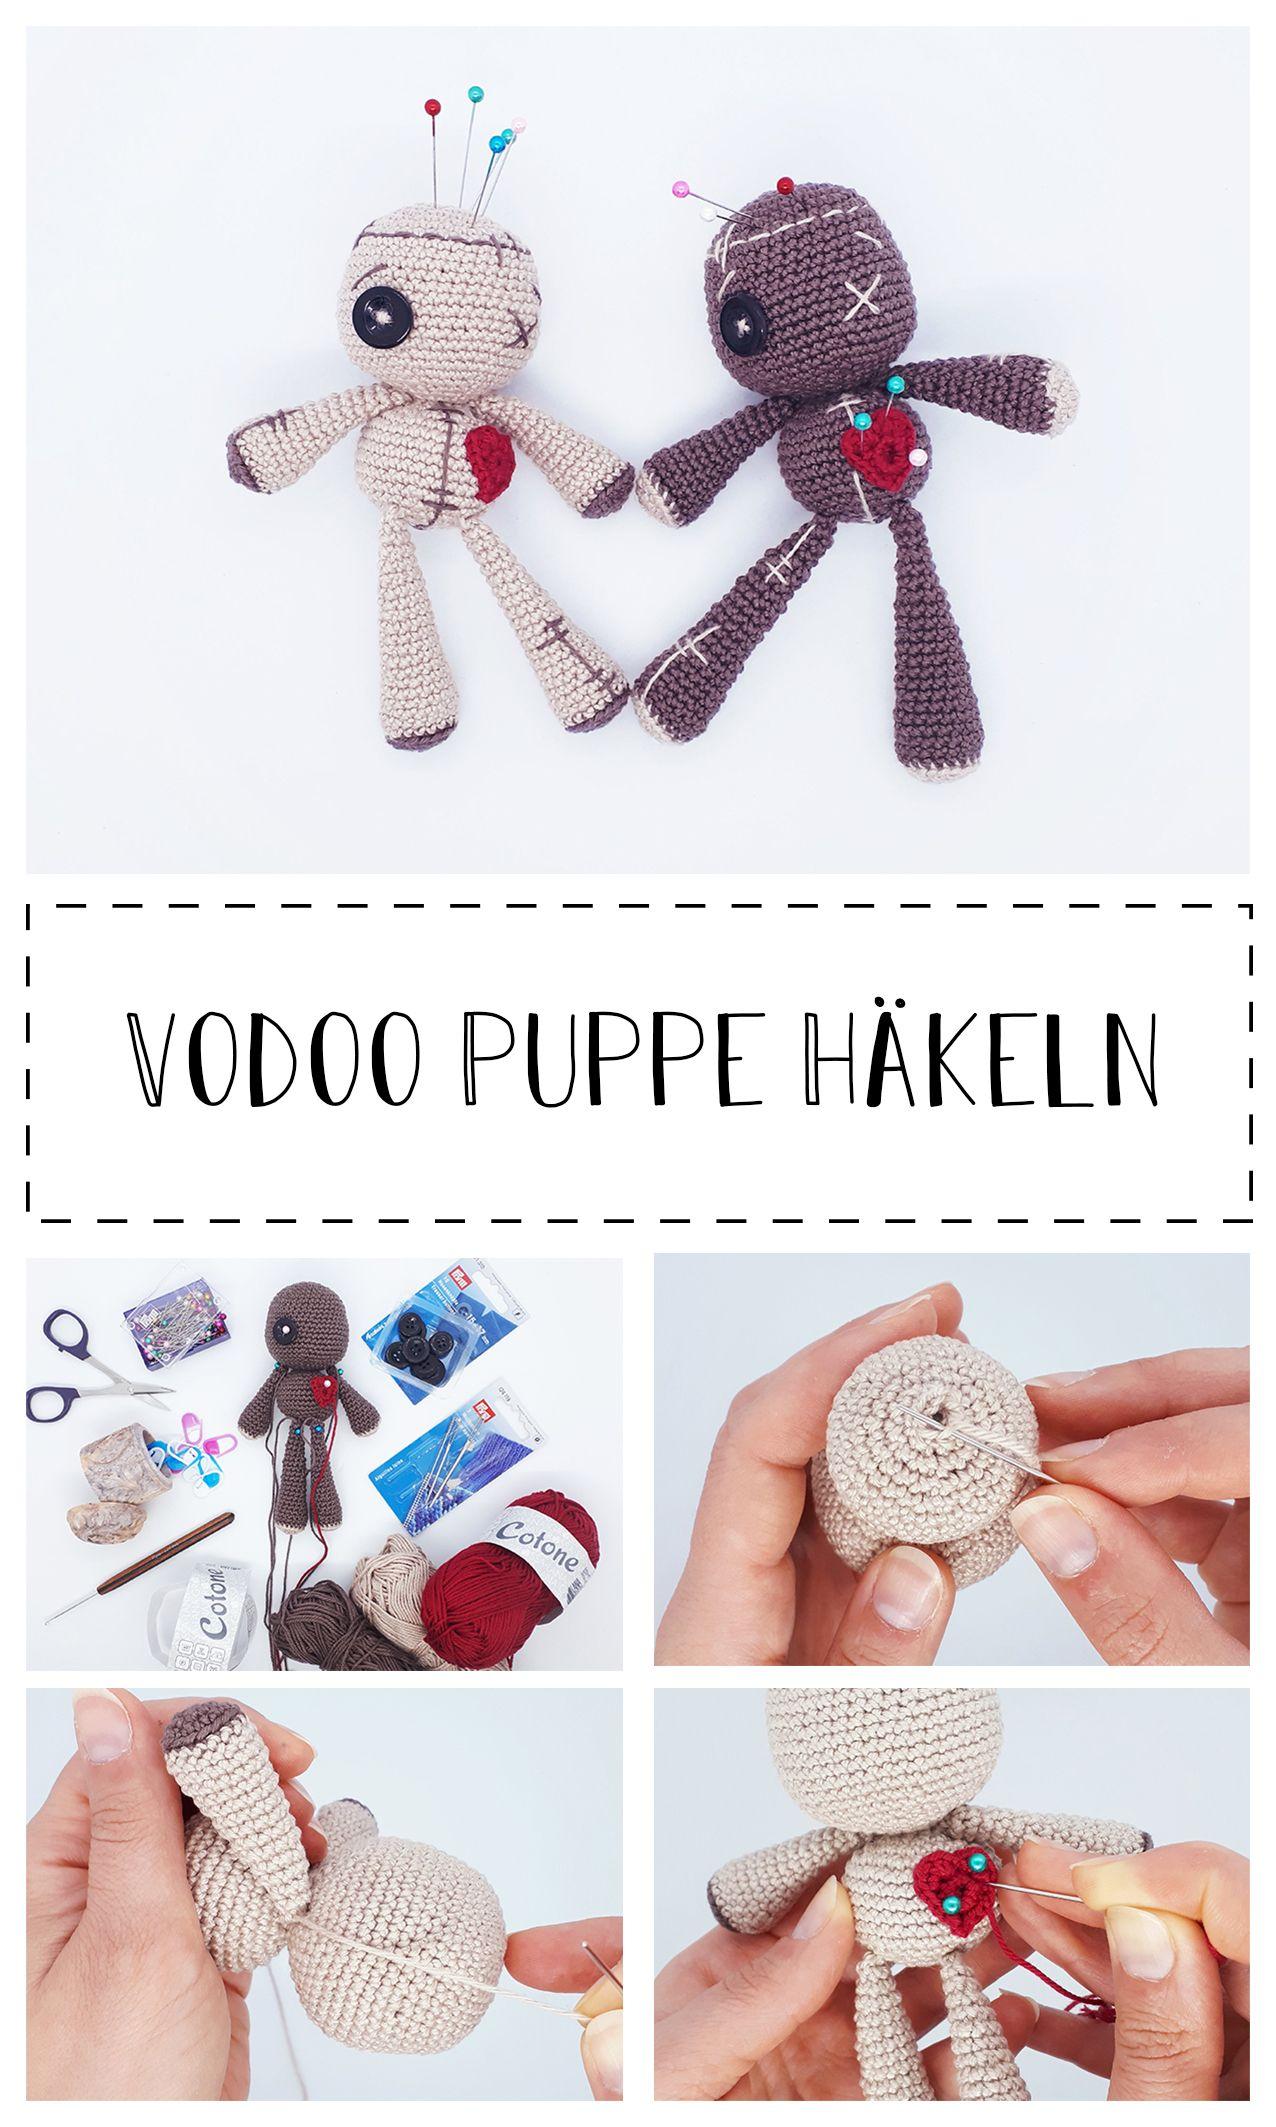 Voodoo Puppe häkeln | Häkeln, Puppe häkeln, Puppen selber